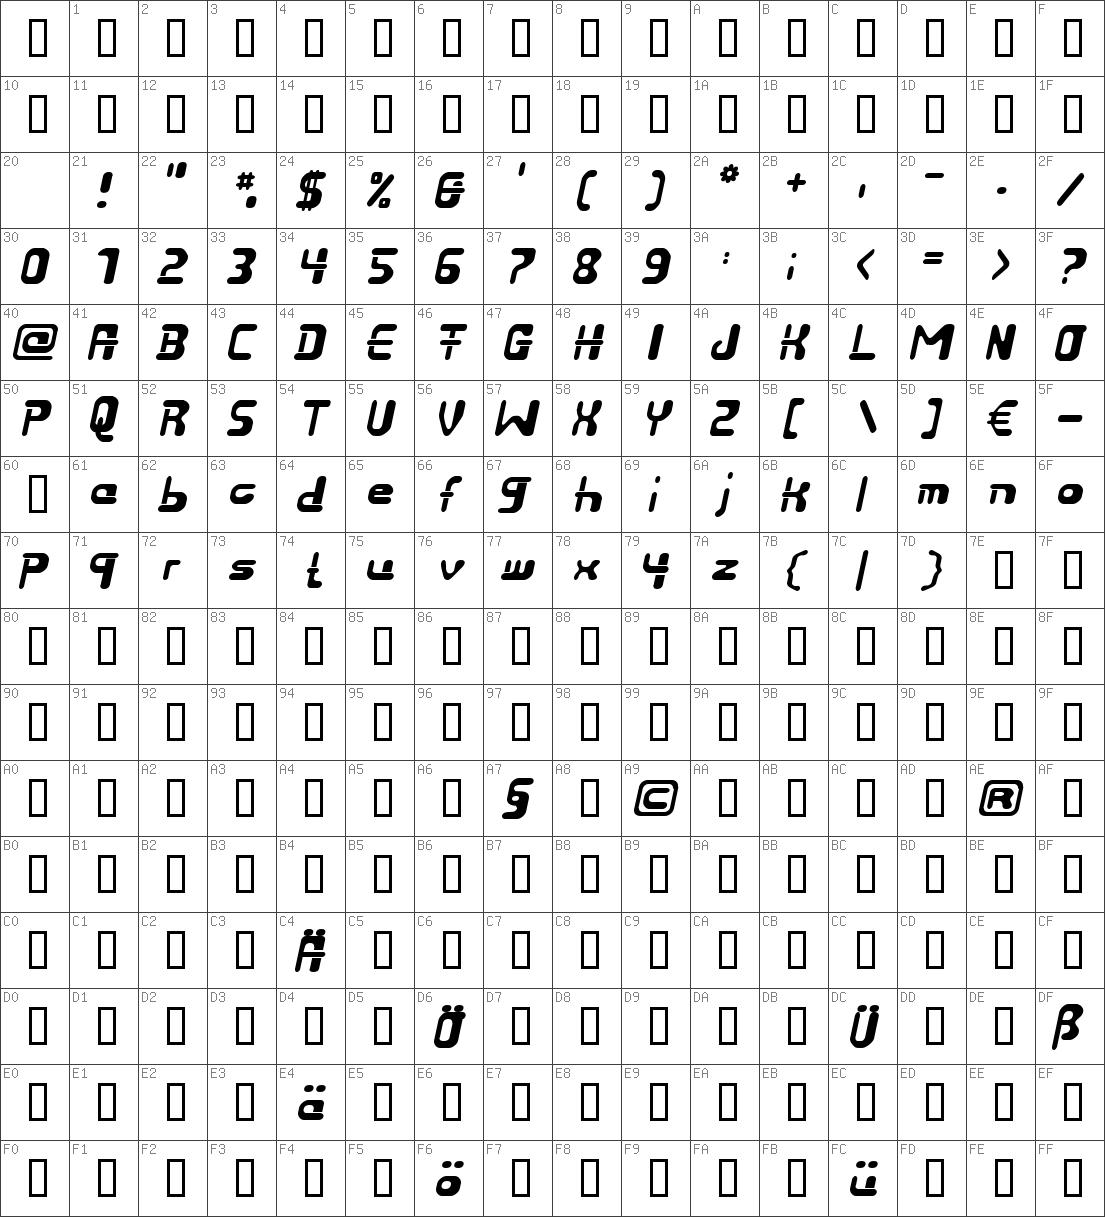 bulgari-regular-12852